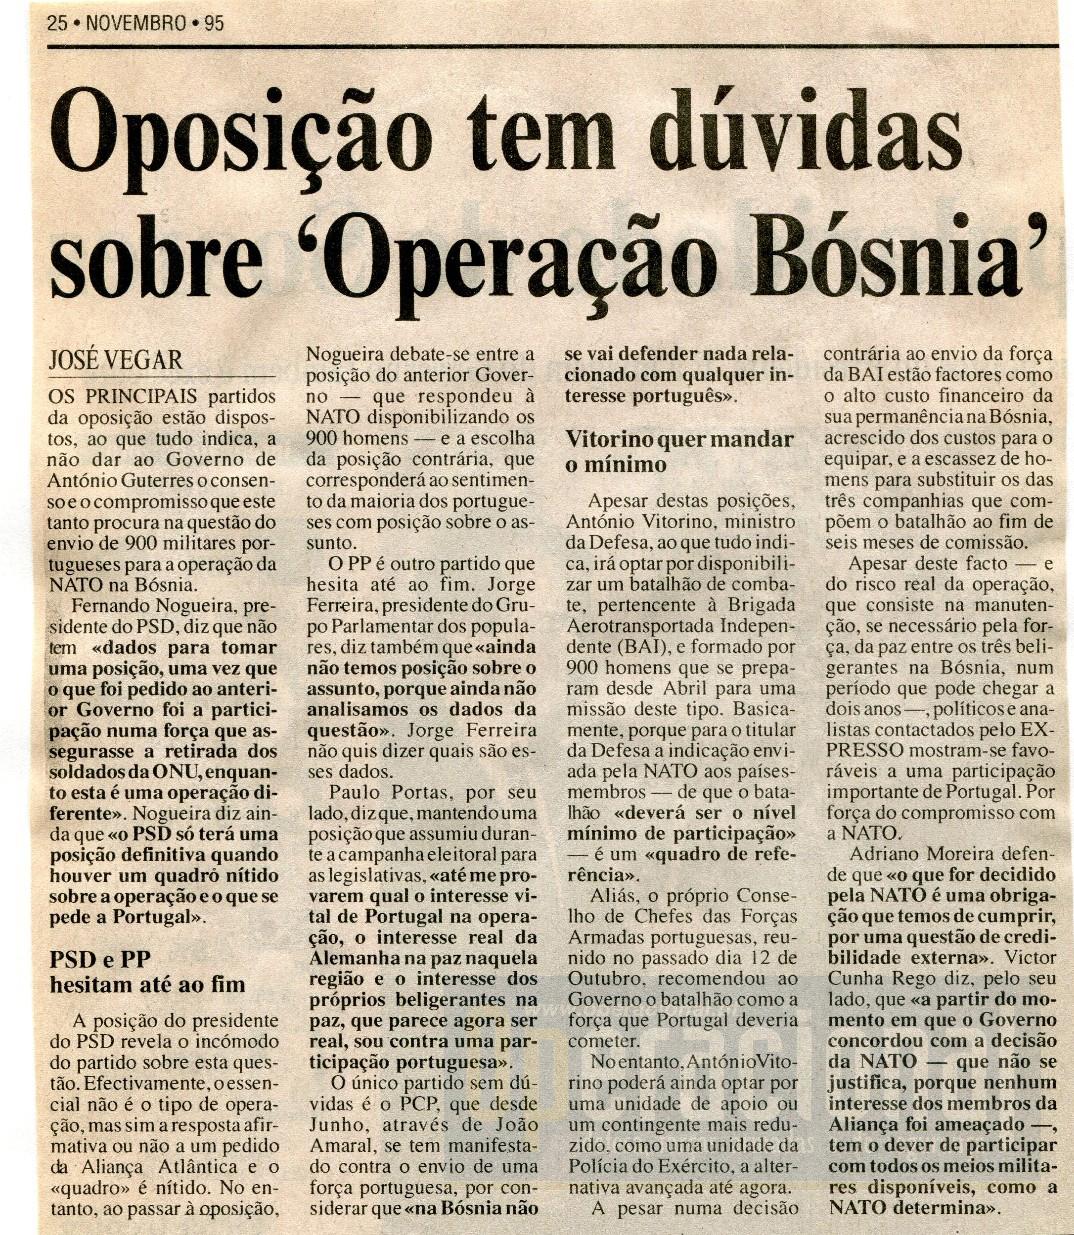 """Jornal """"Expresso"""", 25 de Novembro de 1995"""